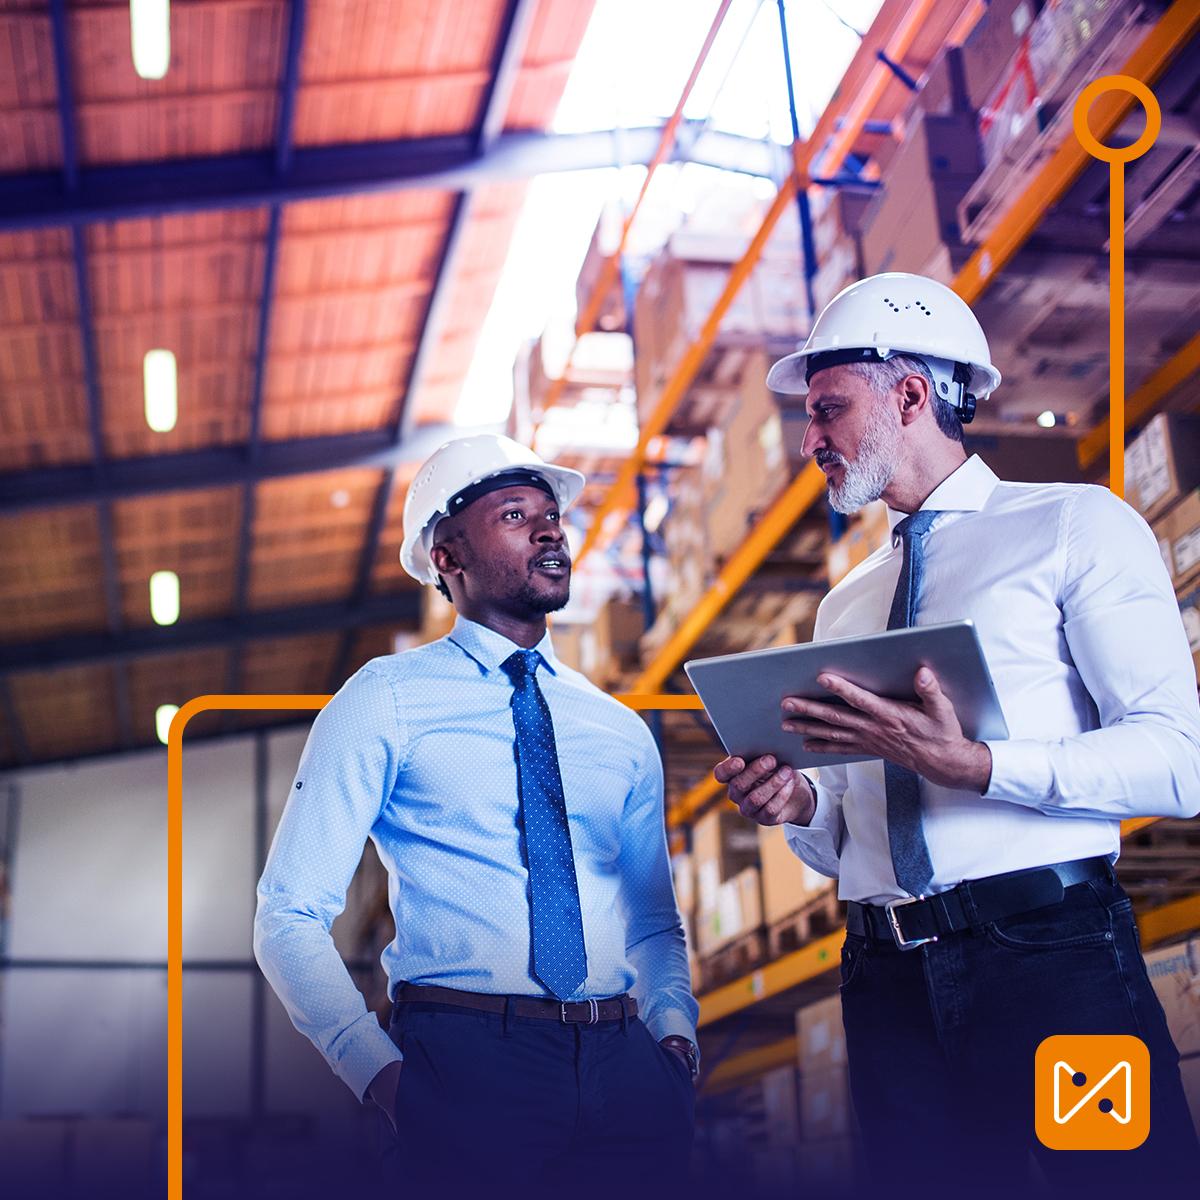 Men talking in warehouse